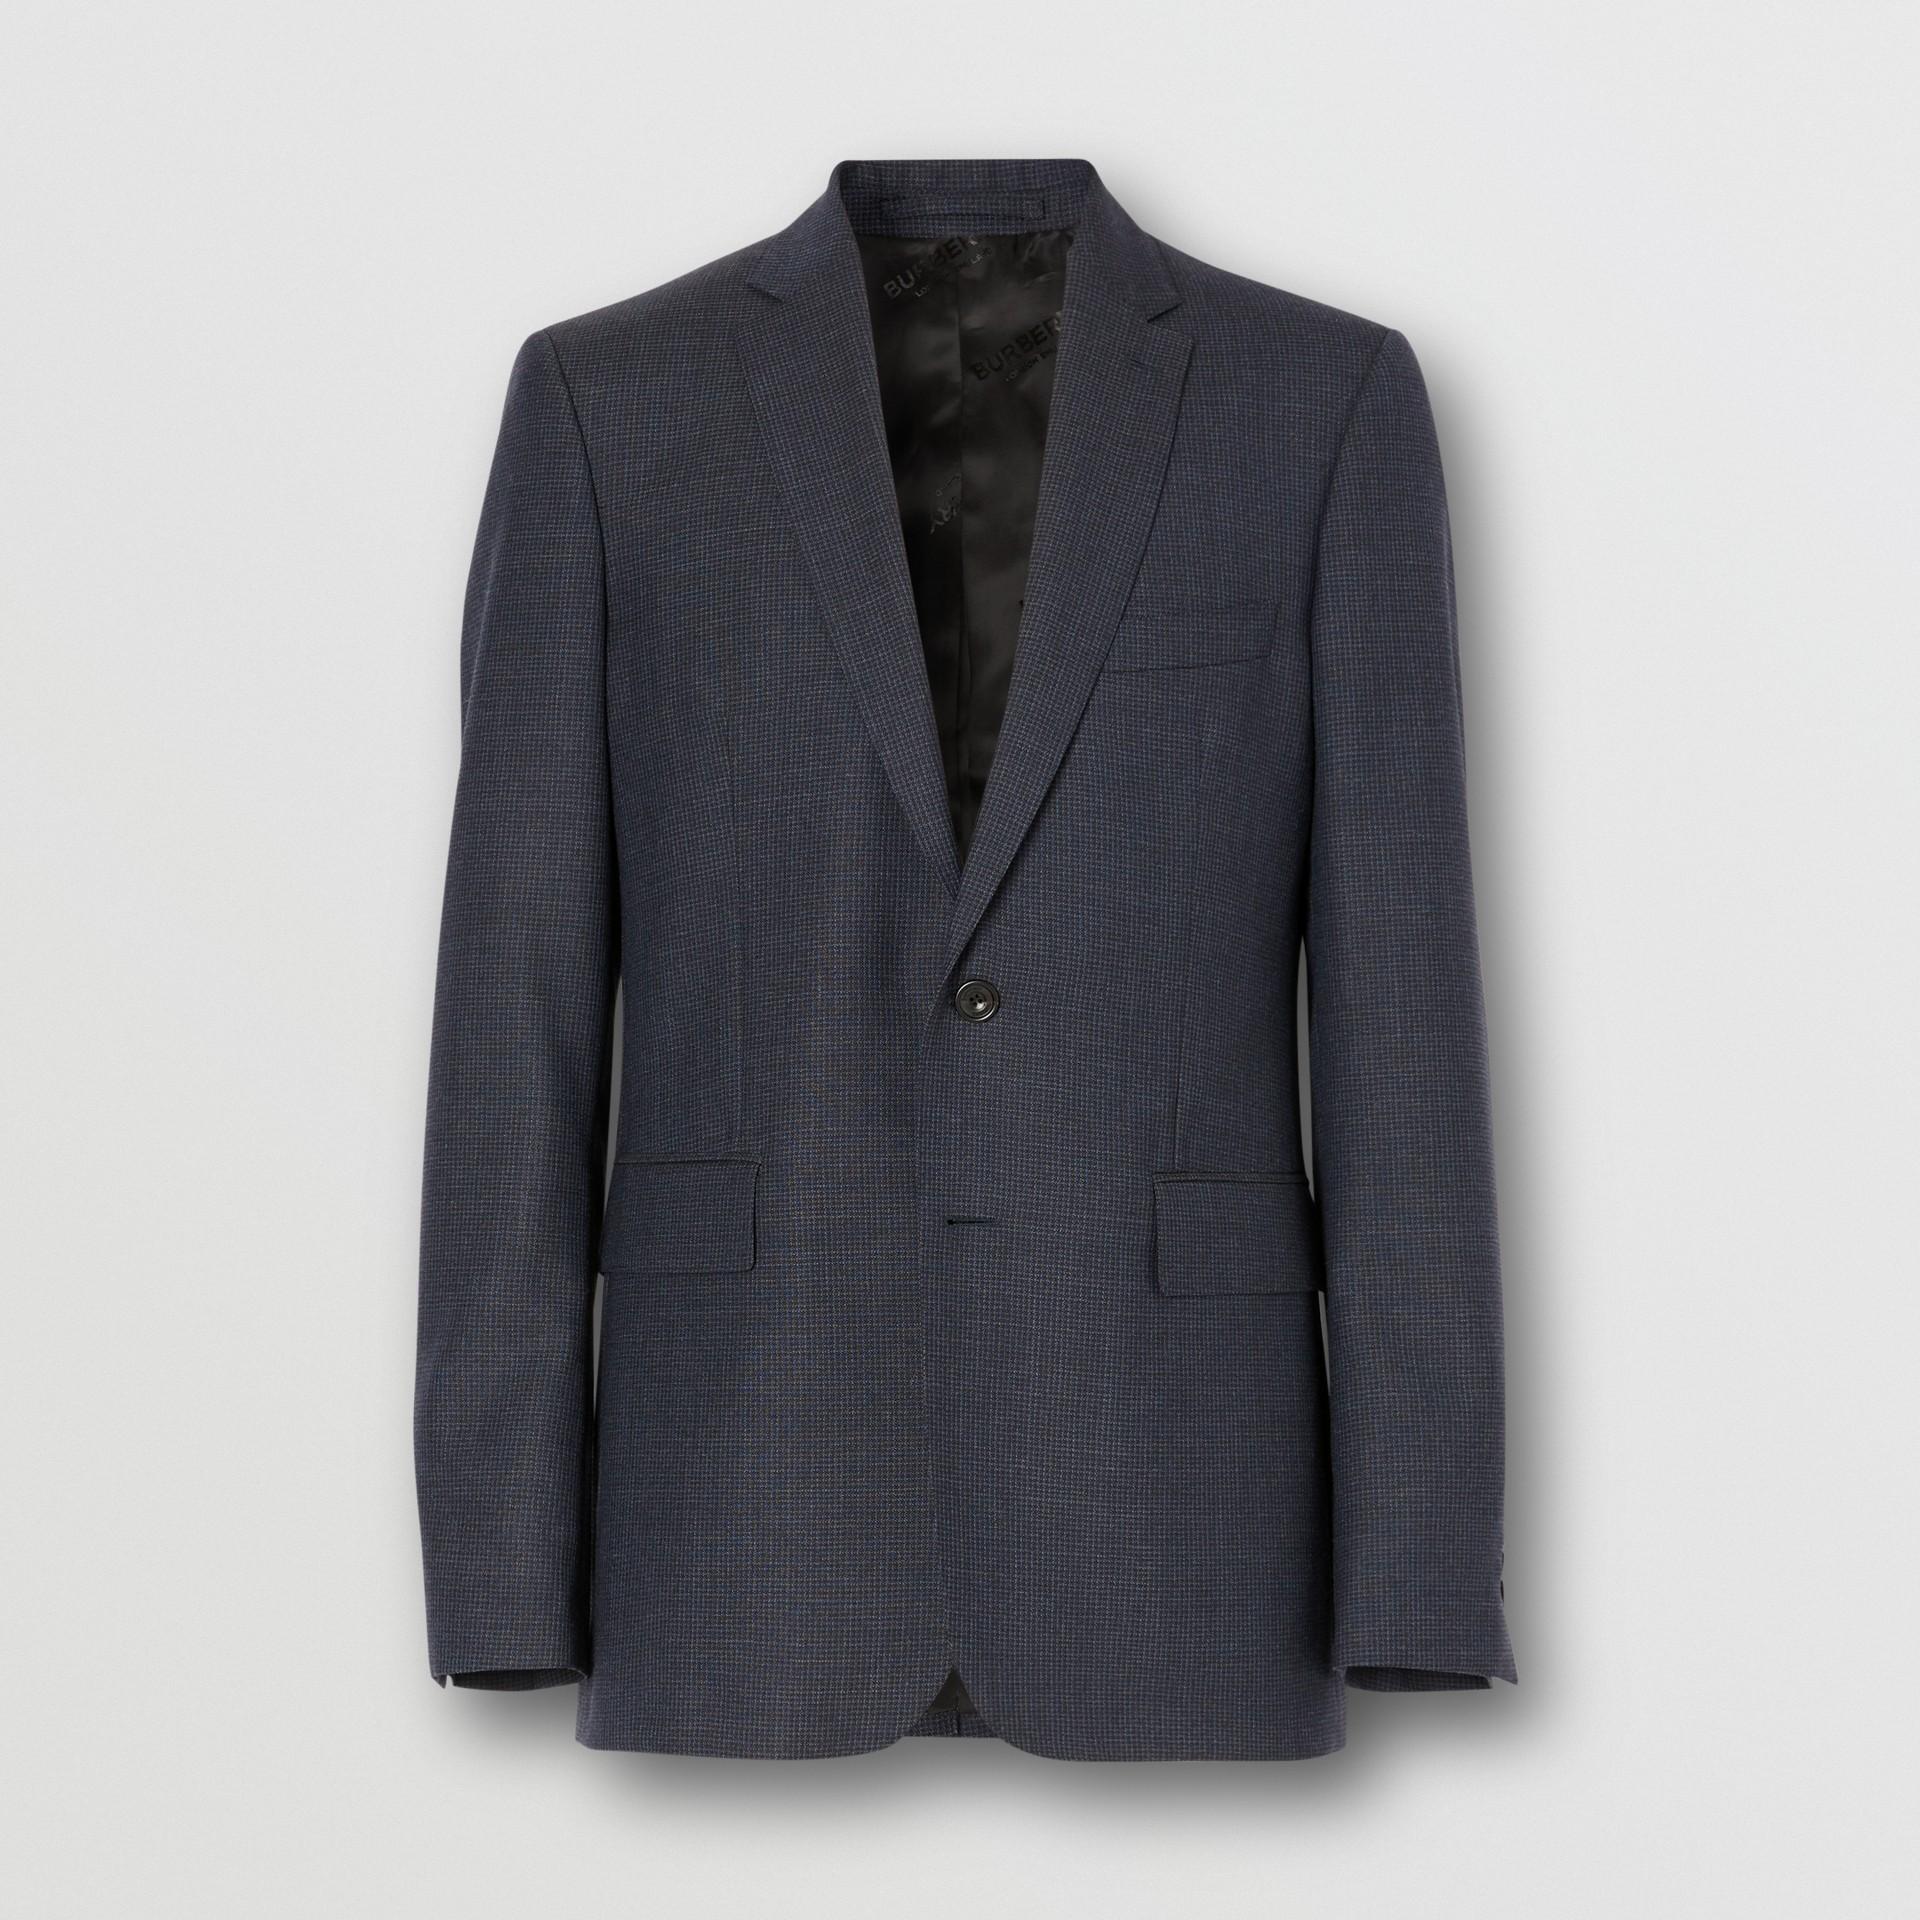 Slim Fit Wool Suit in Navy - Men | Burberry Australia - gallery image 3